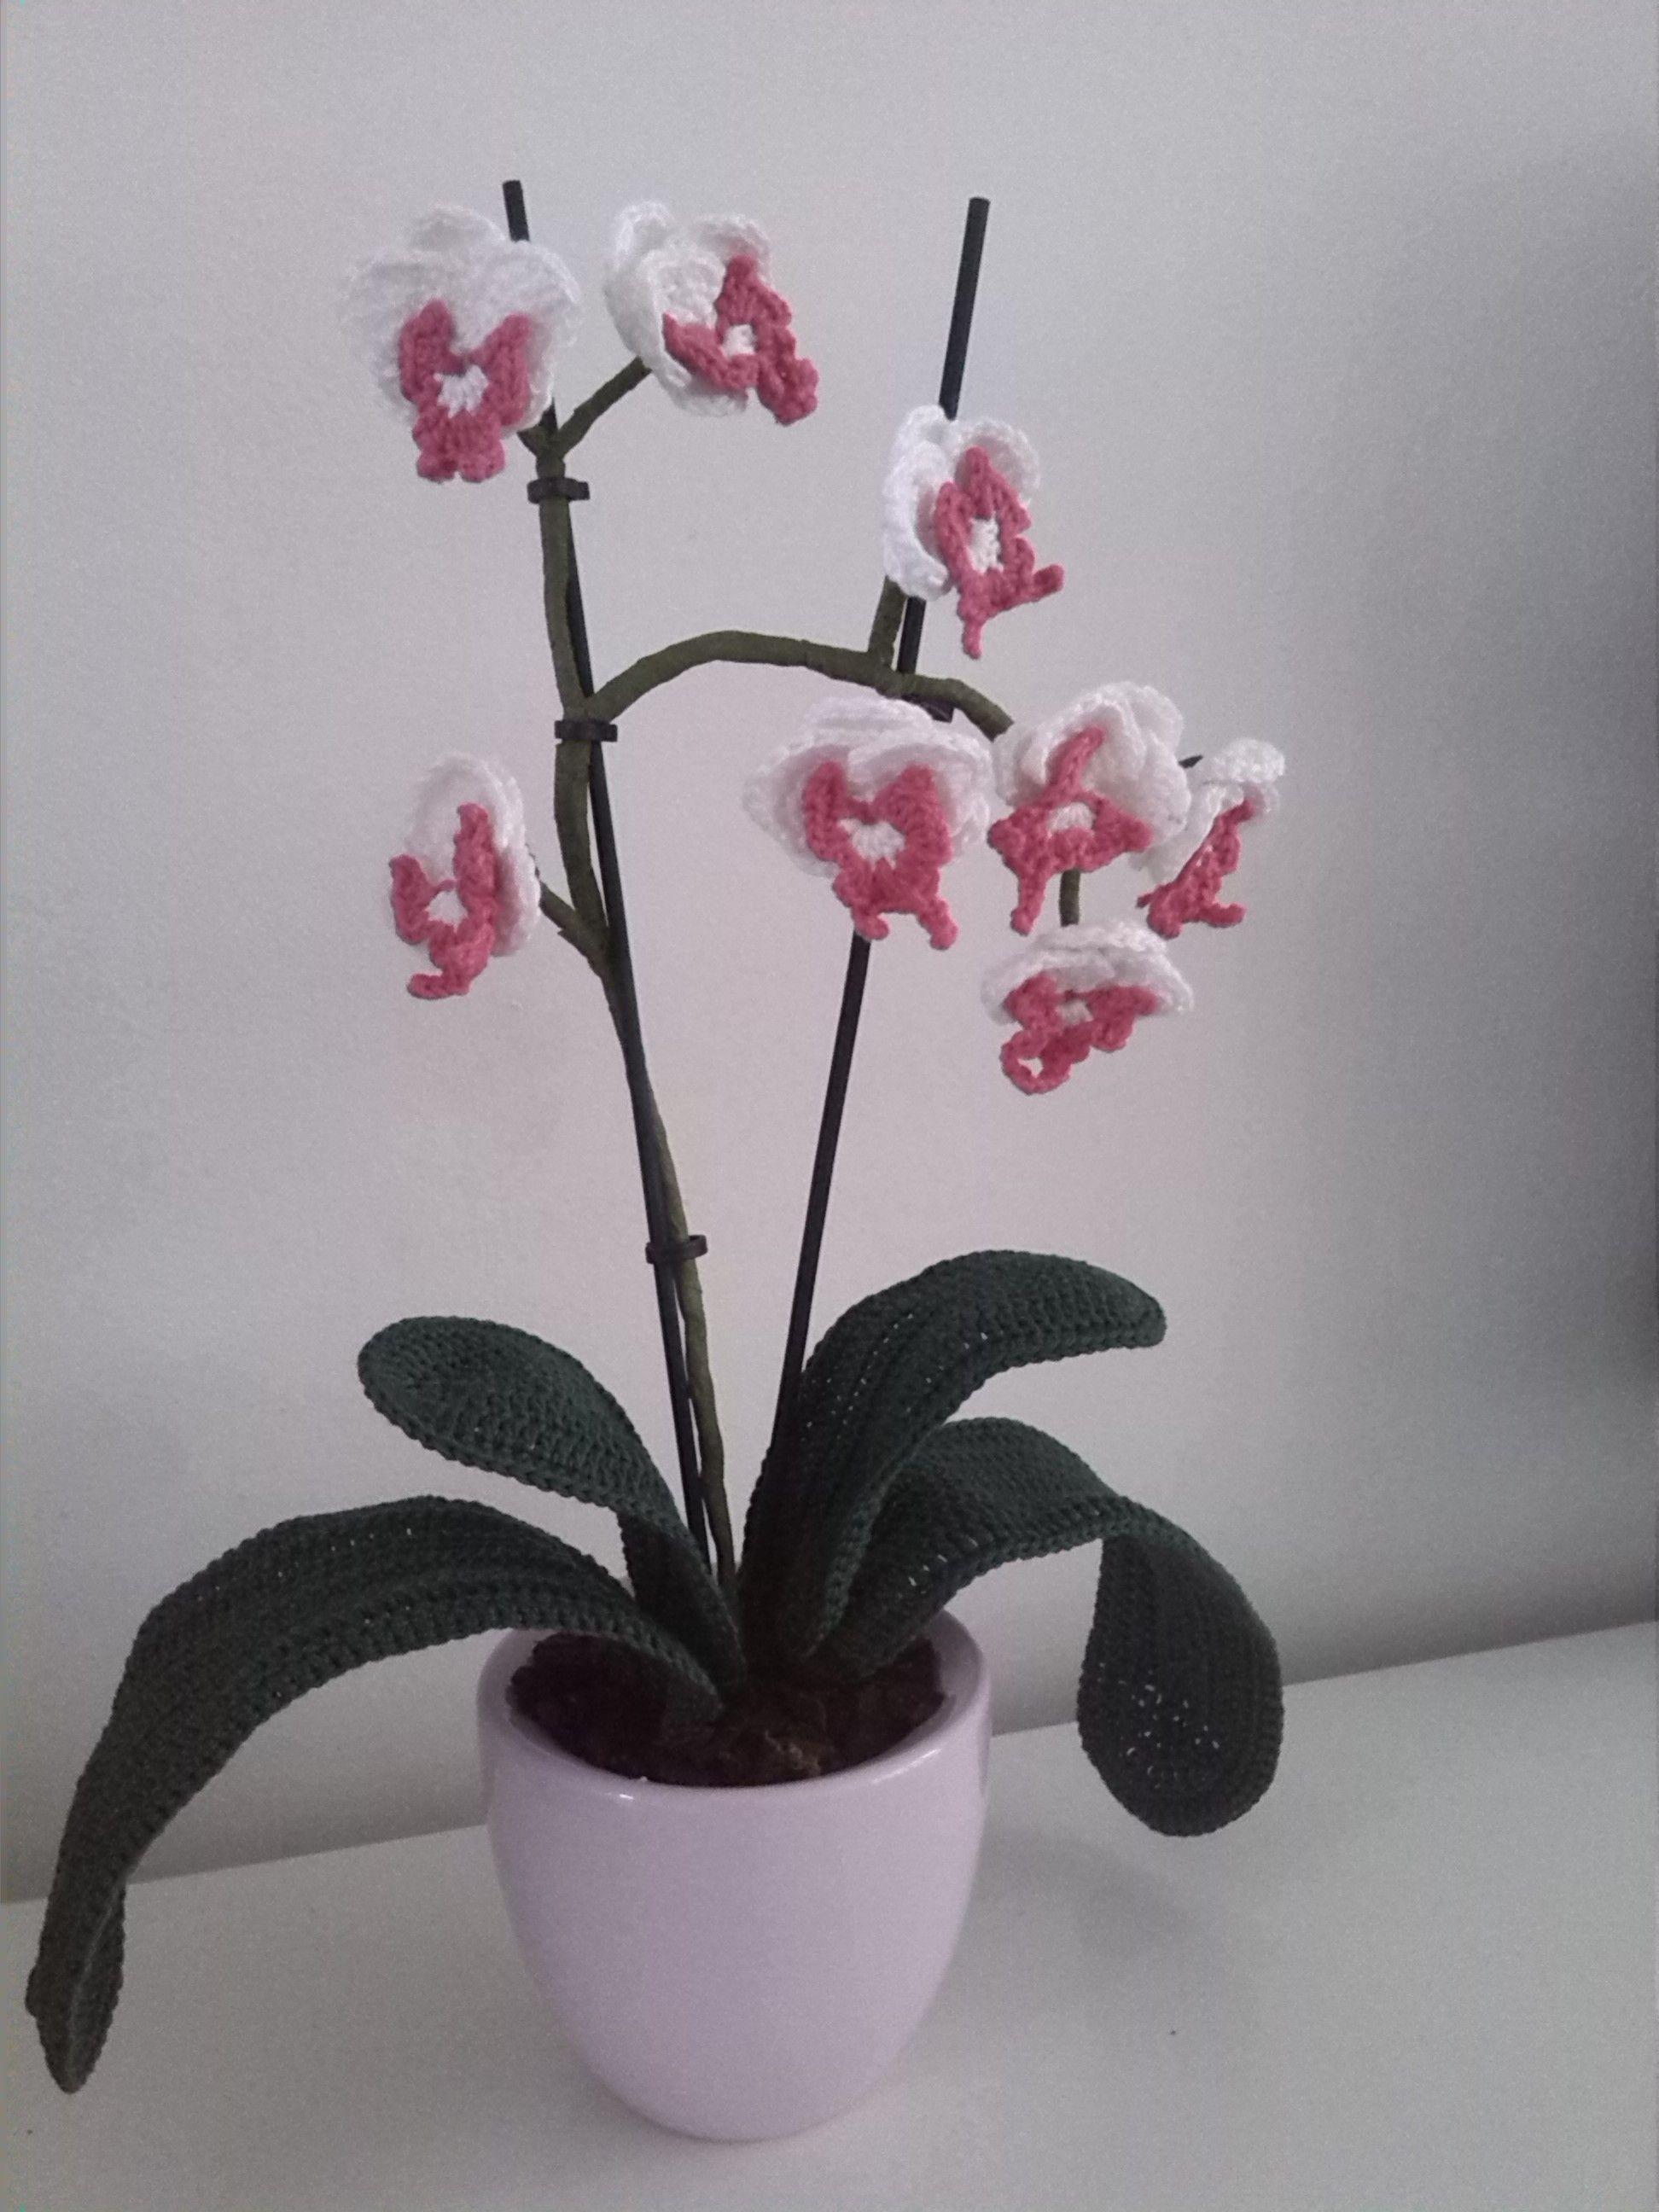 Orchidee Gehaakt Haken Crochet Flowers Crochet En Crochet Fruit